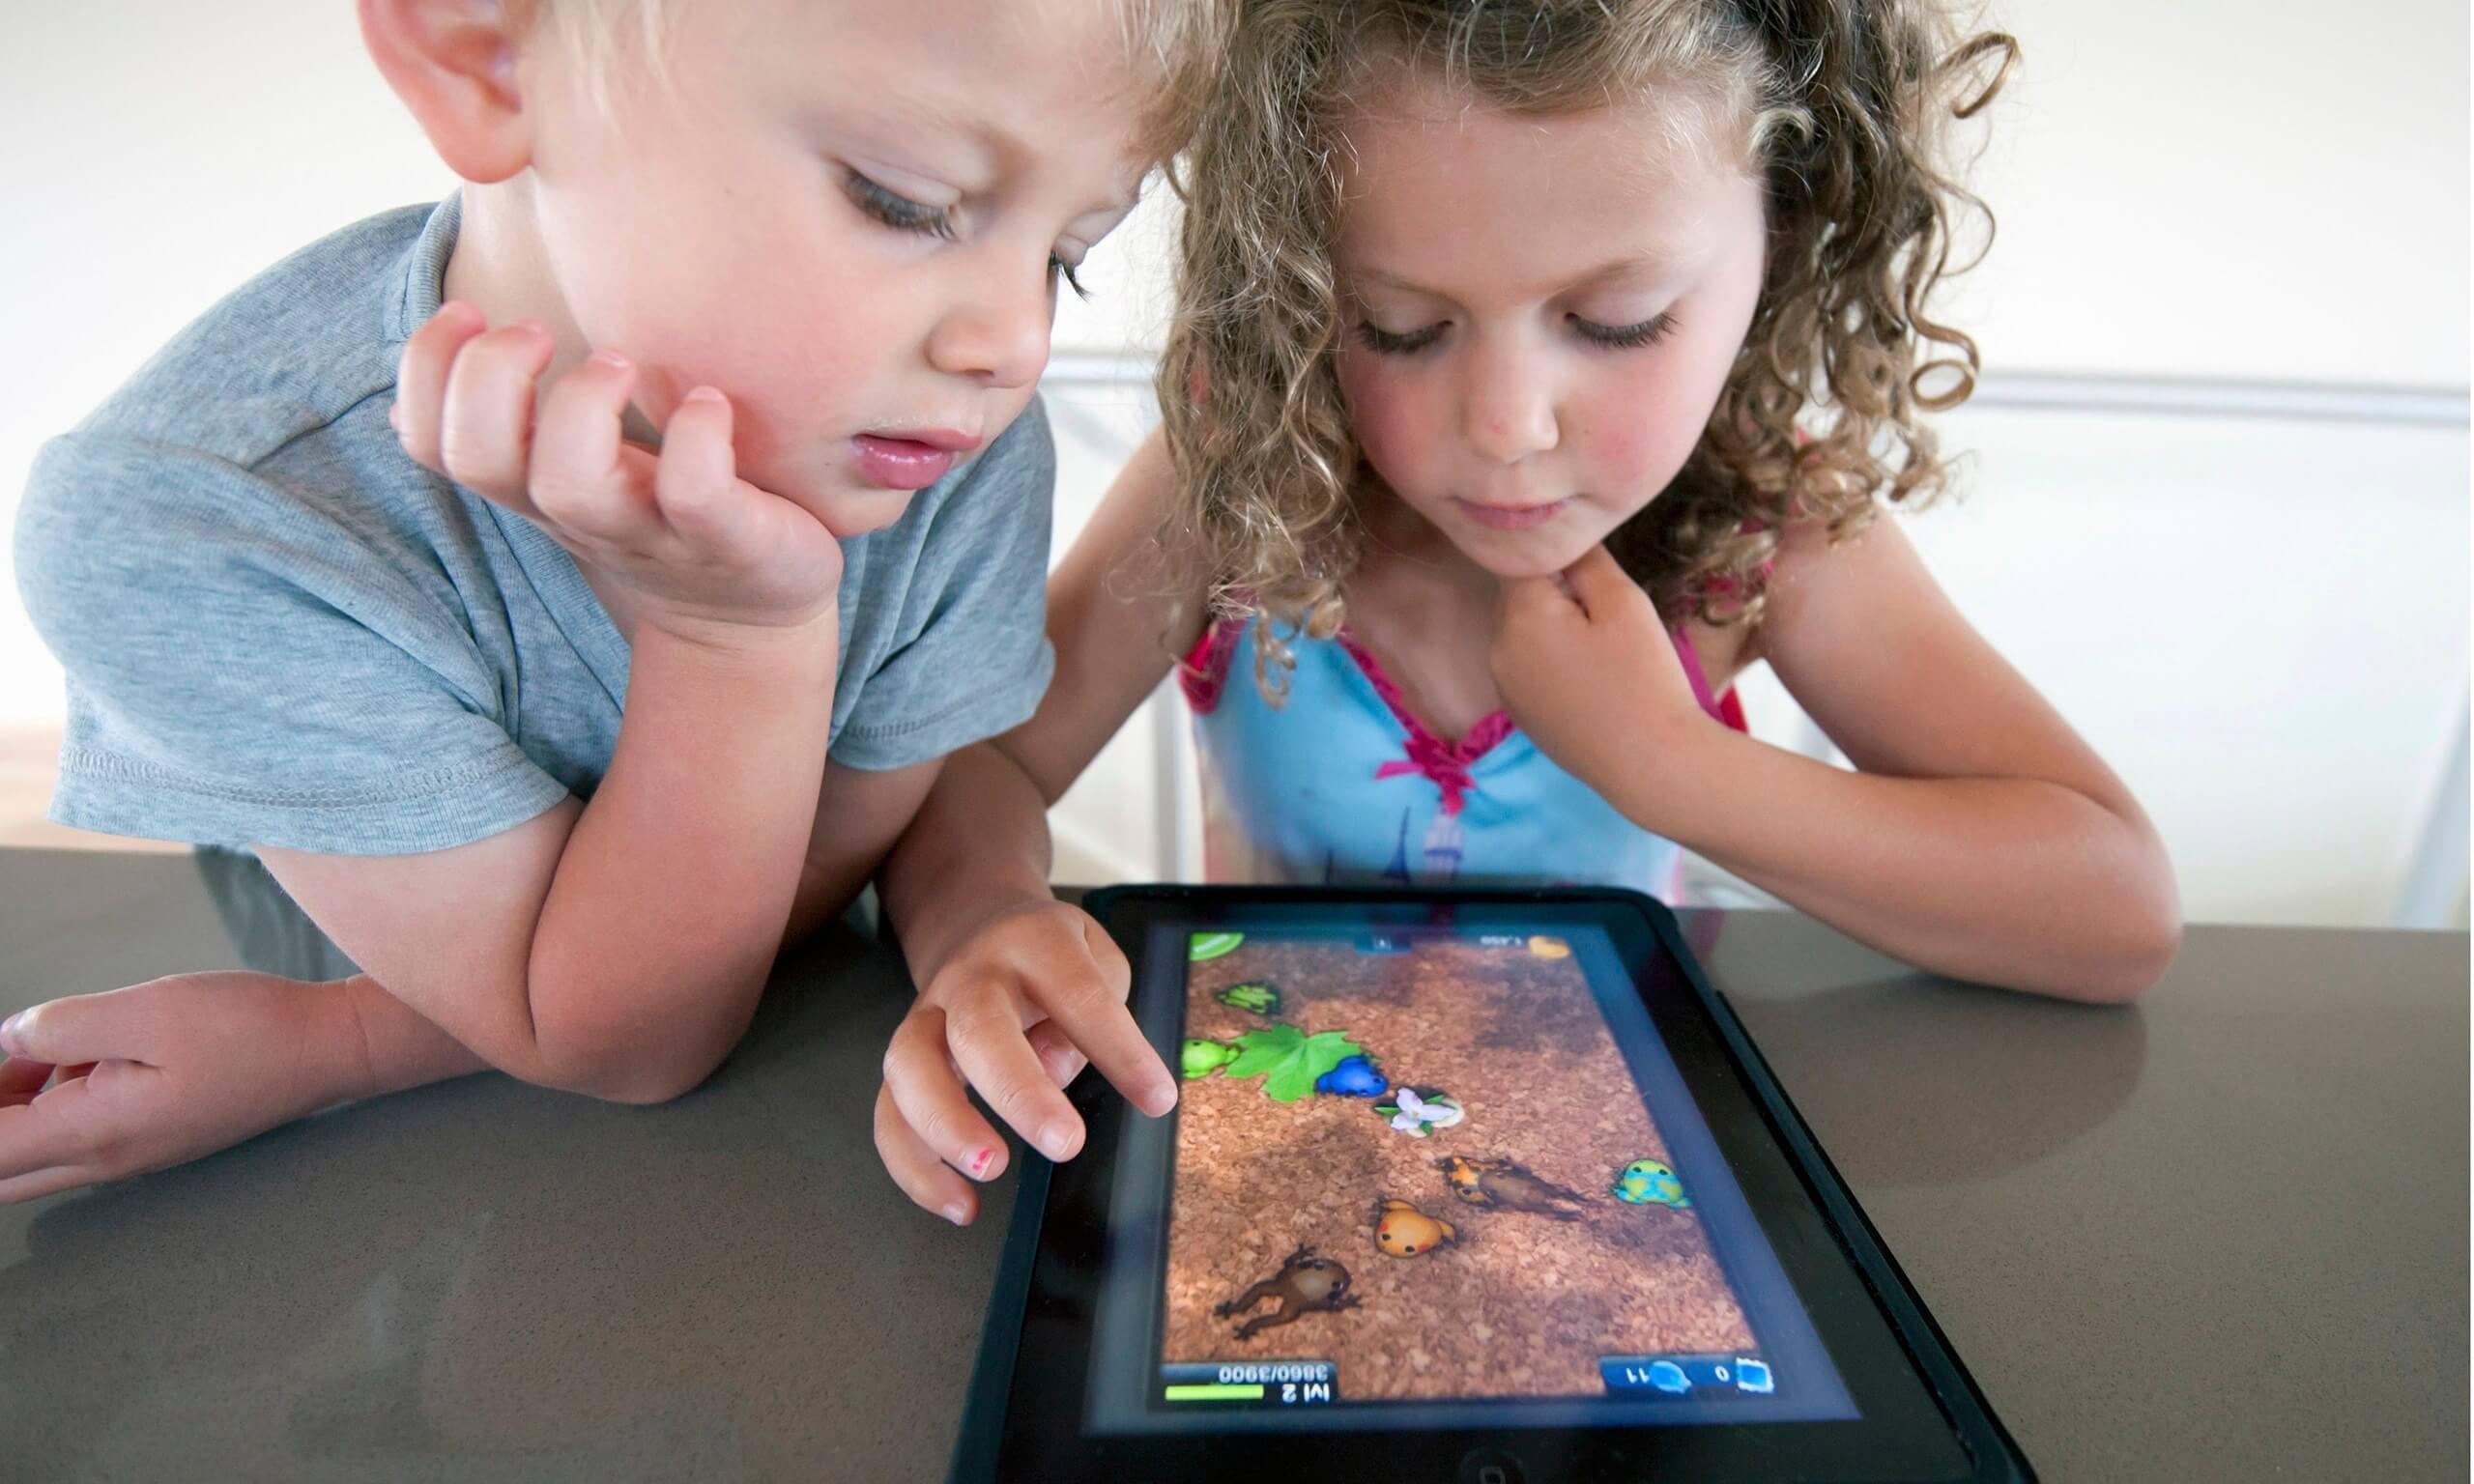 Digital games for kids